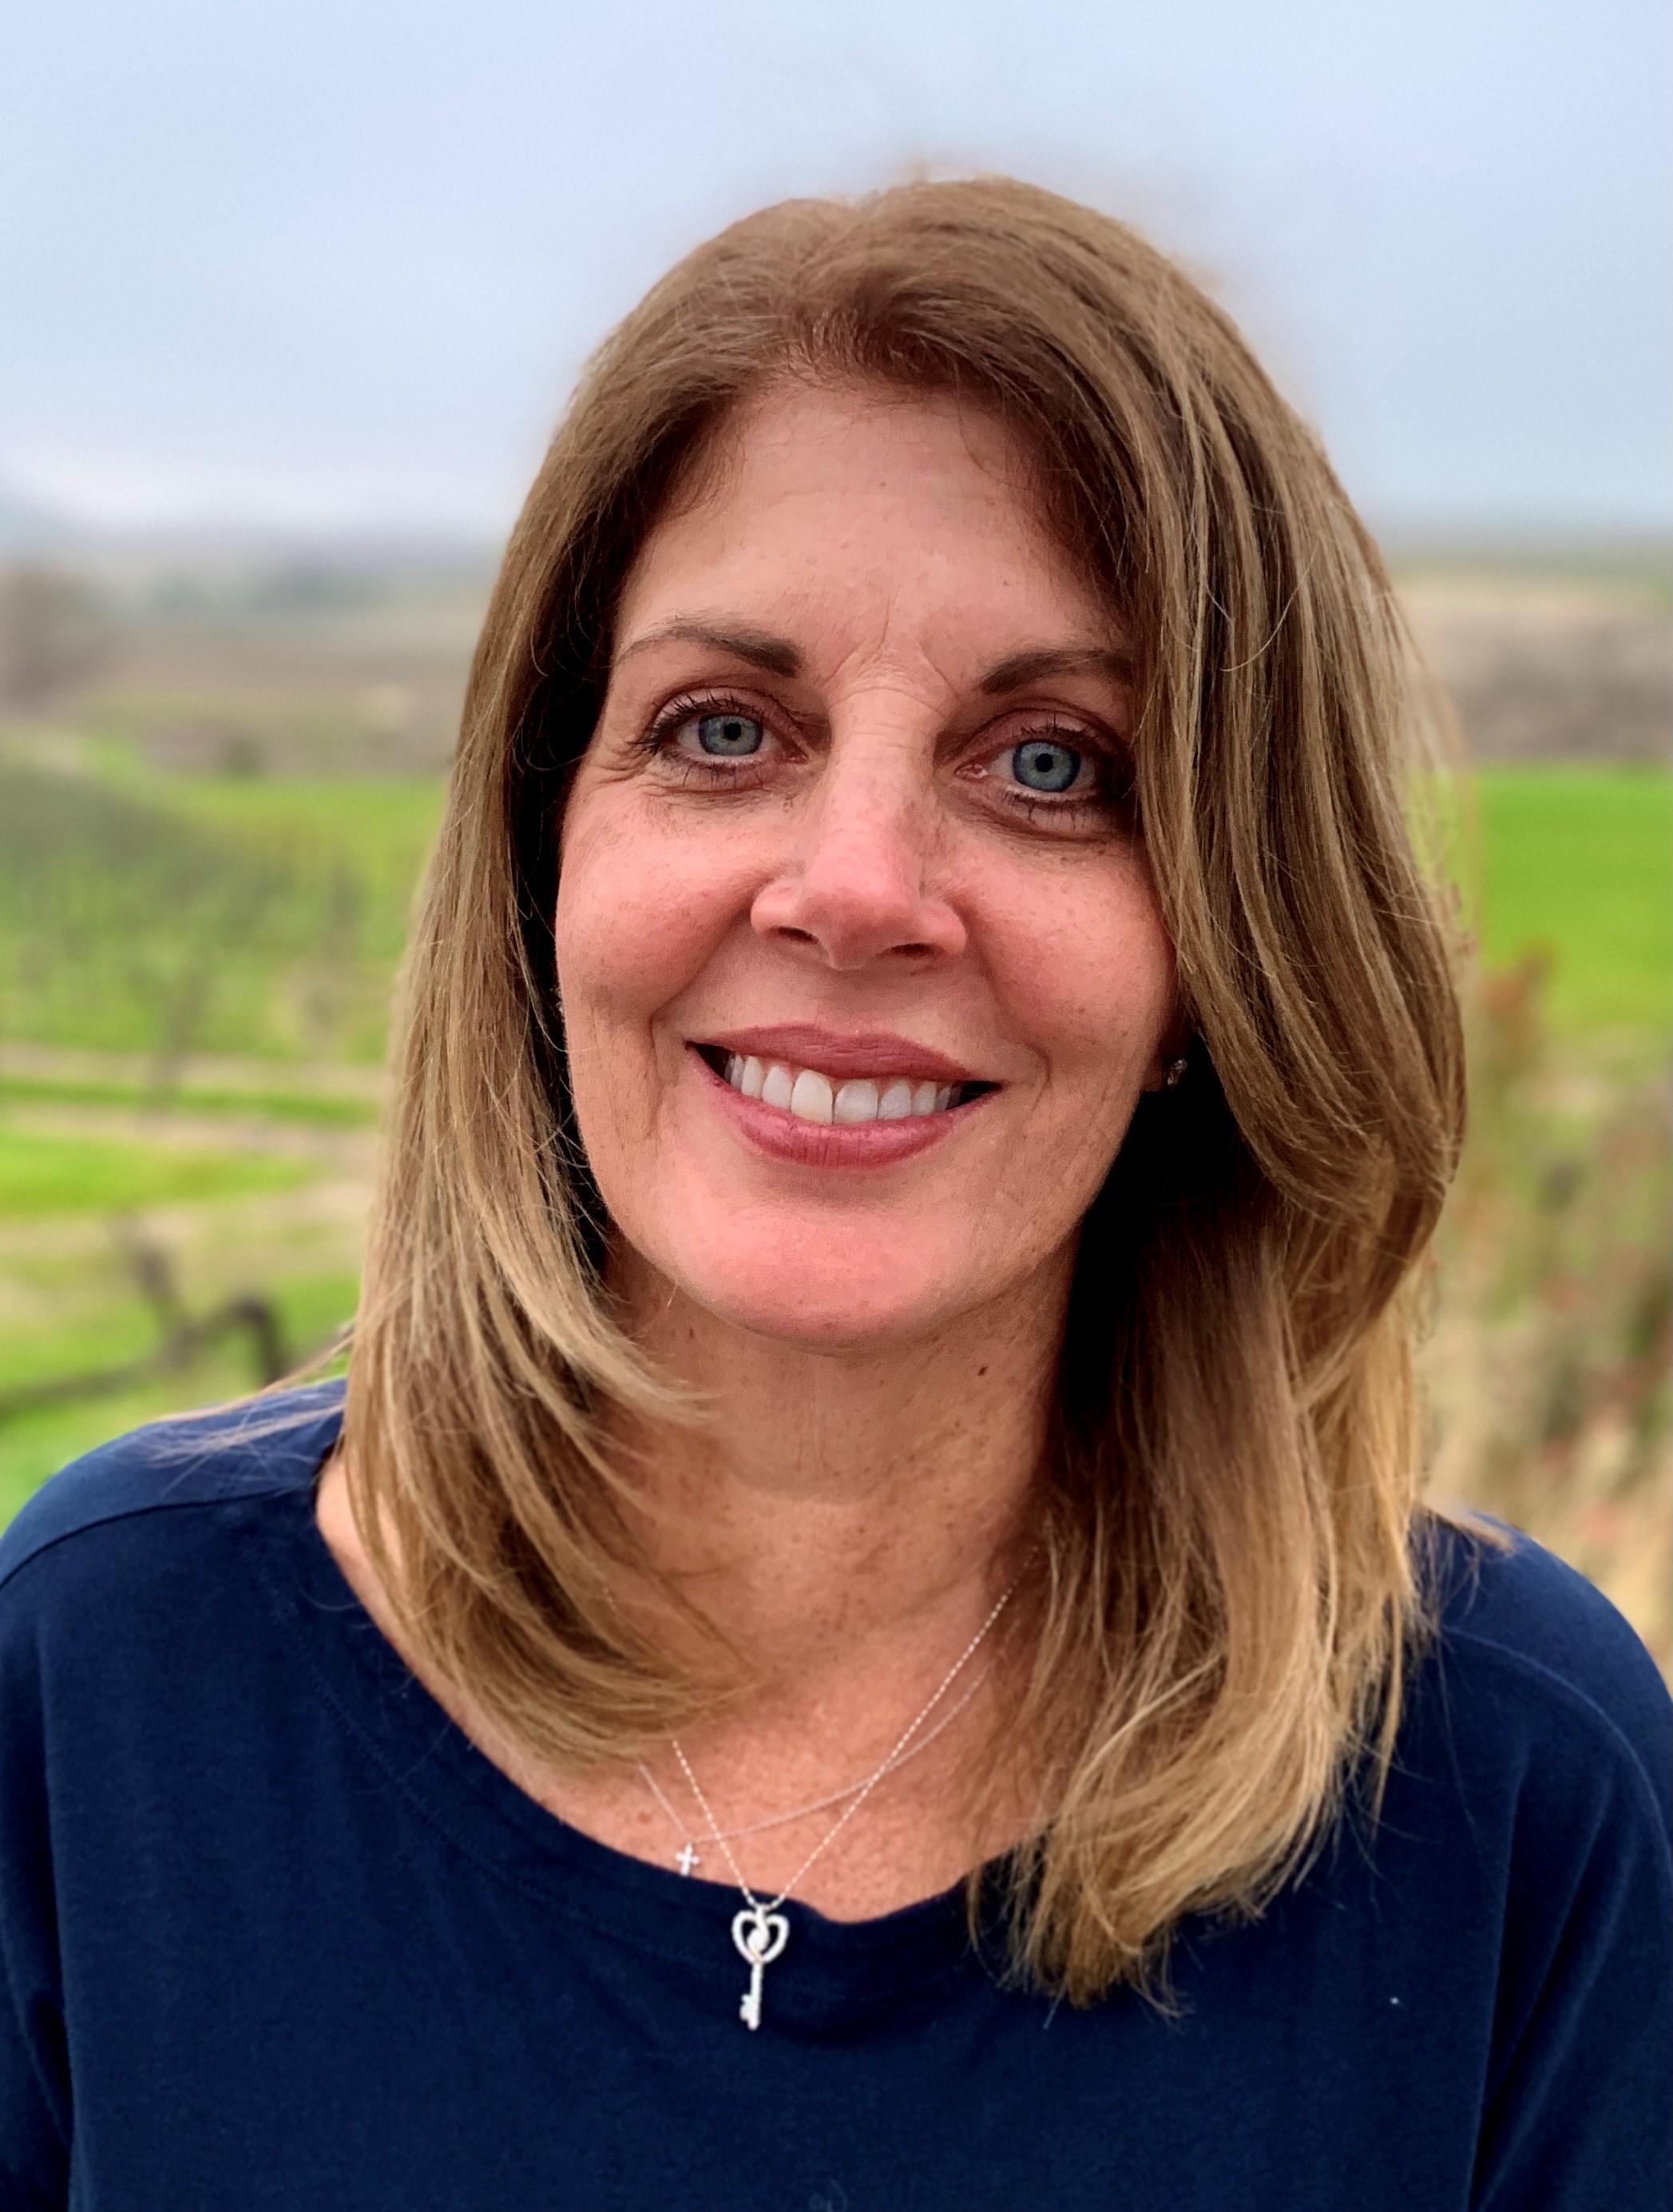 Nancy Plaskett, Registered and Licensed Dietitian